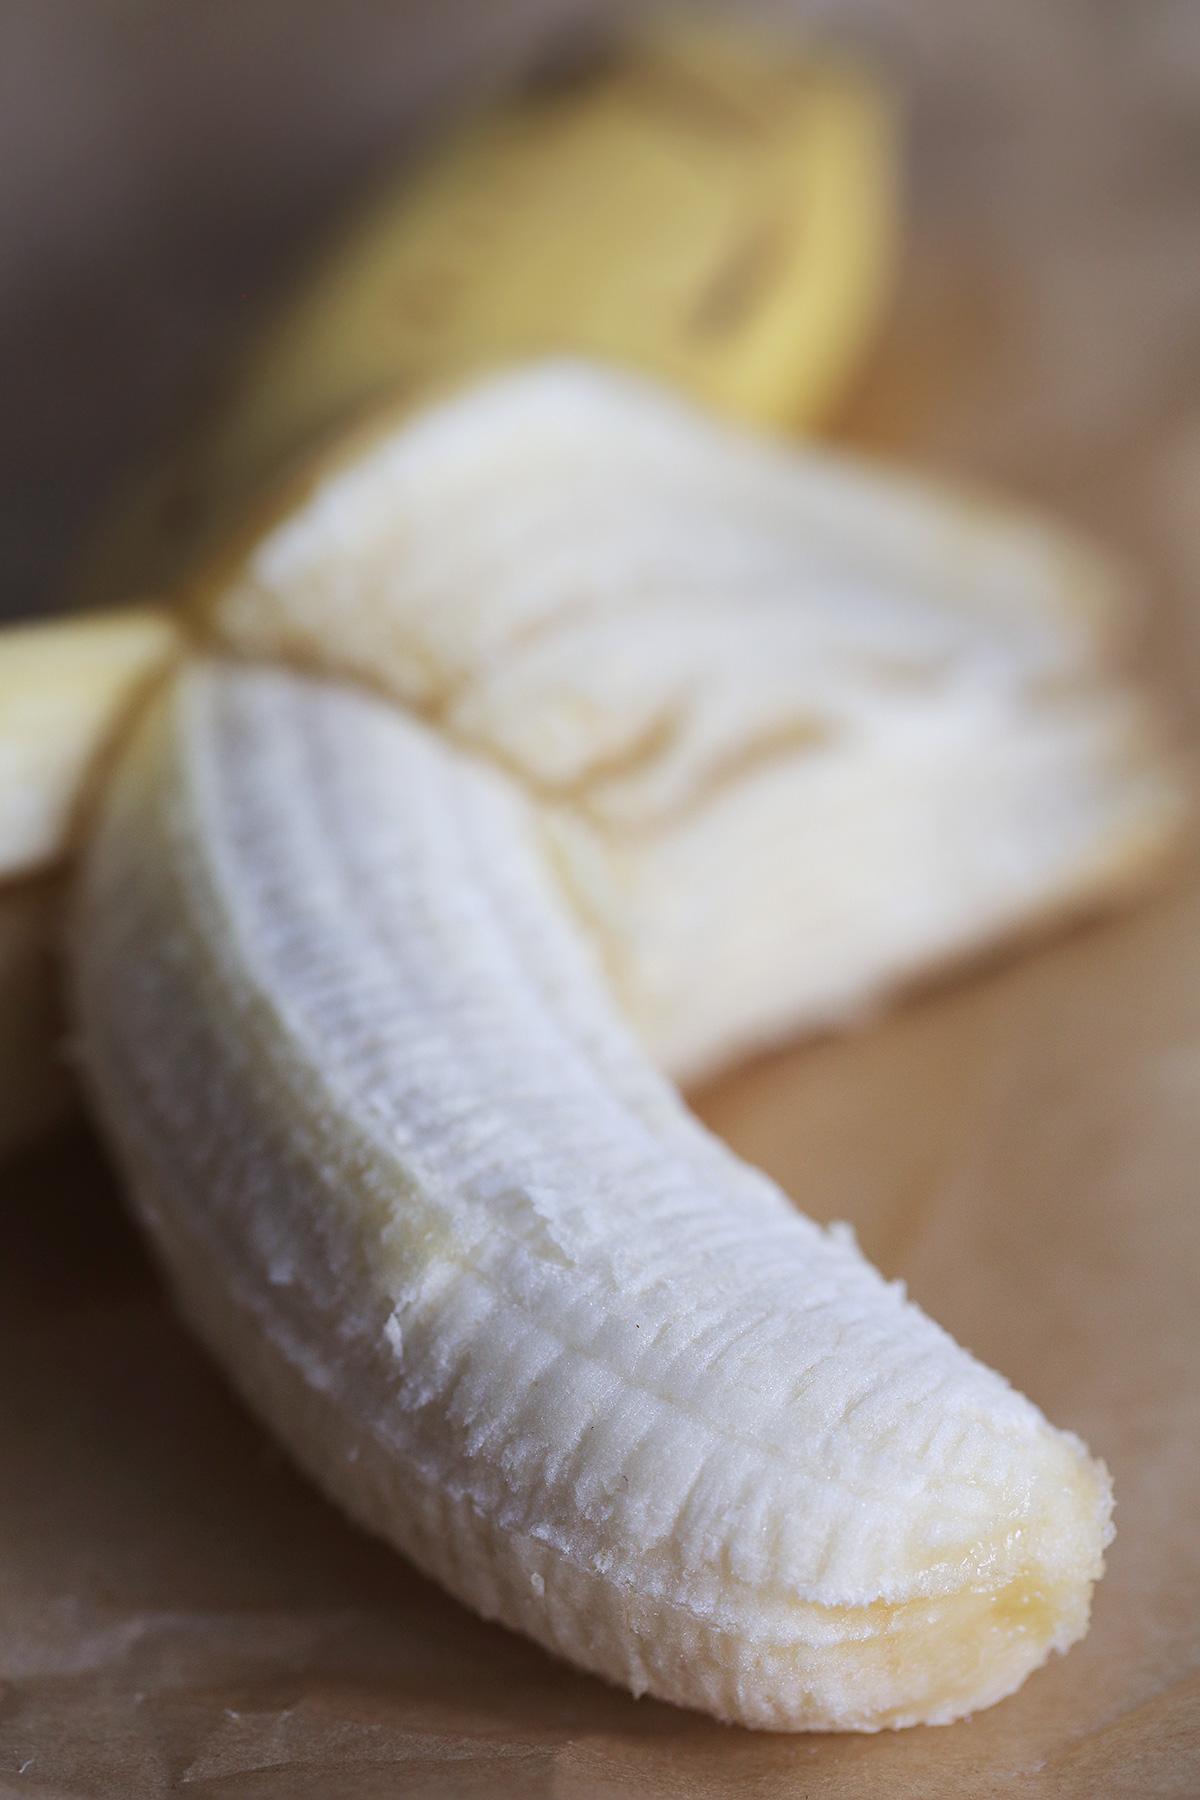 Hieman enemmän kuin banaani